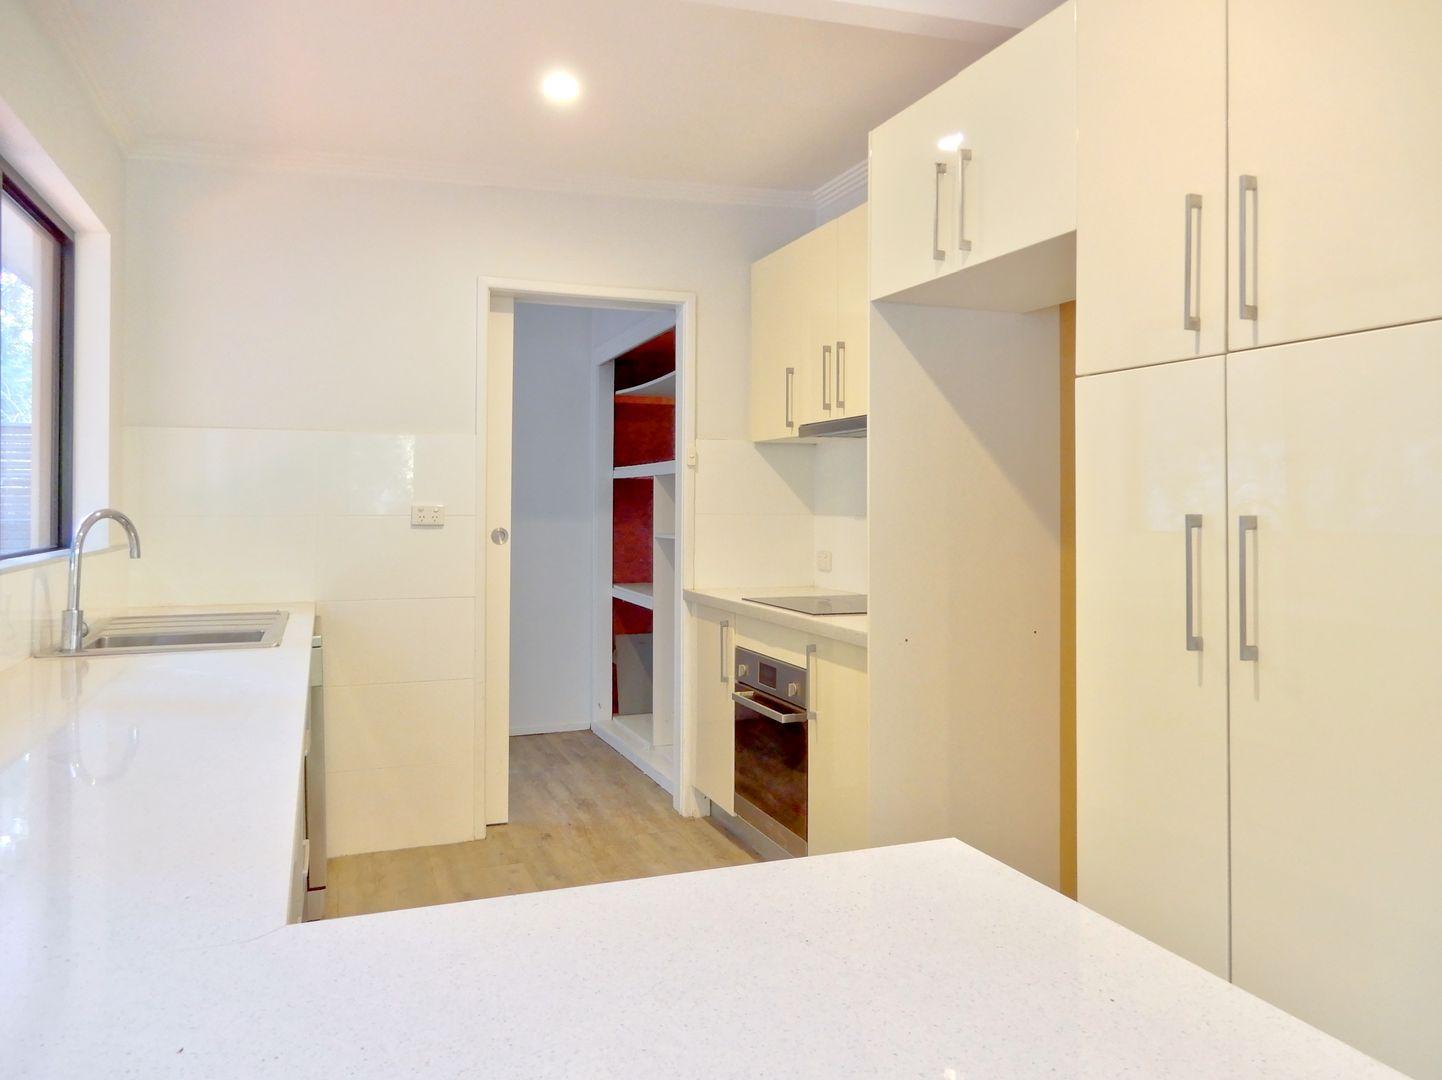 55 Deborah St, Kotara South NSW 2289, Image 2